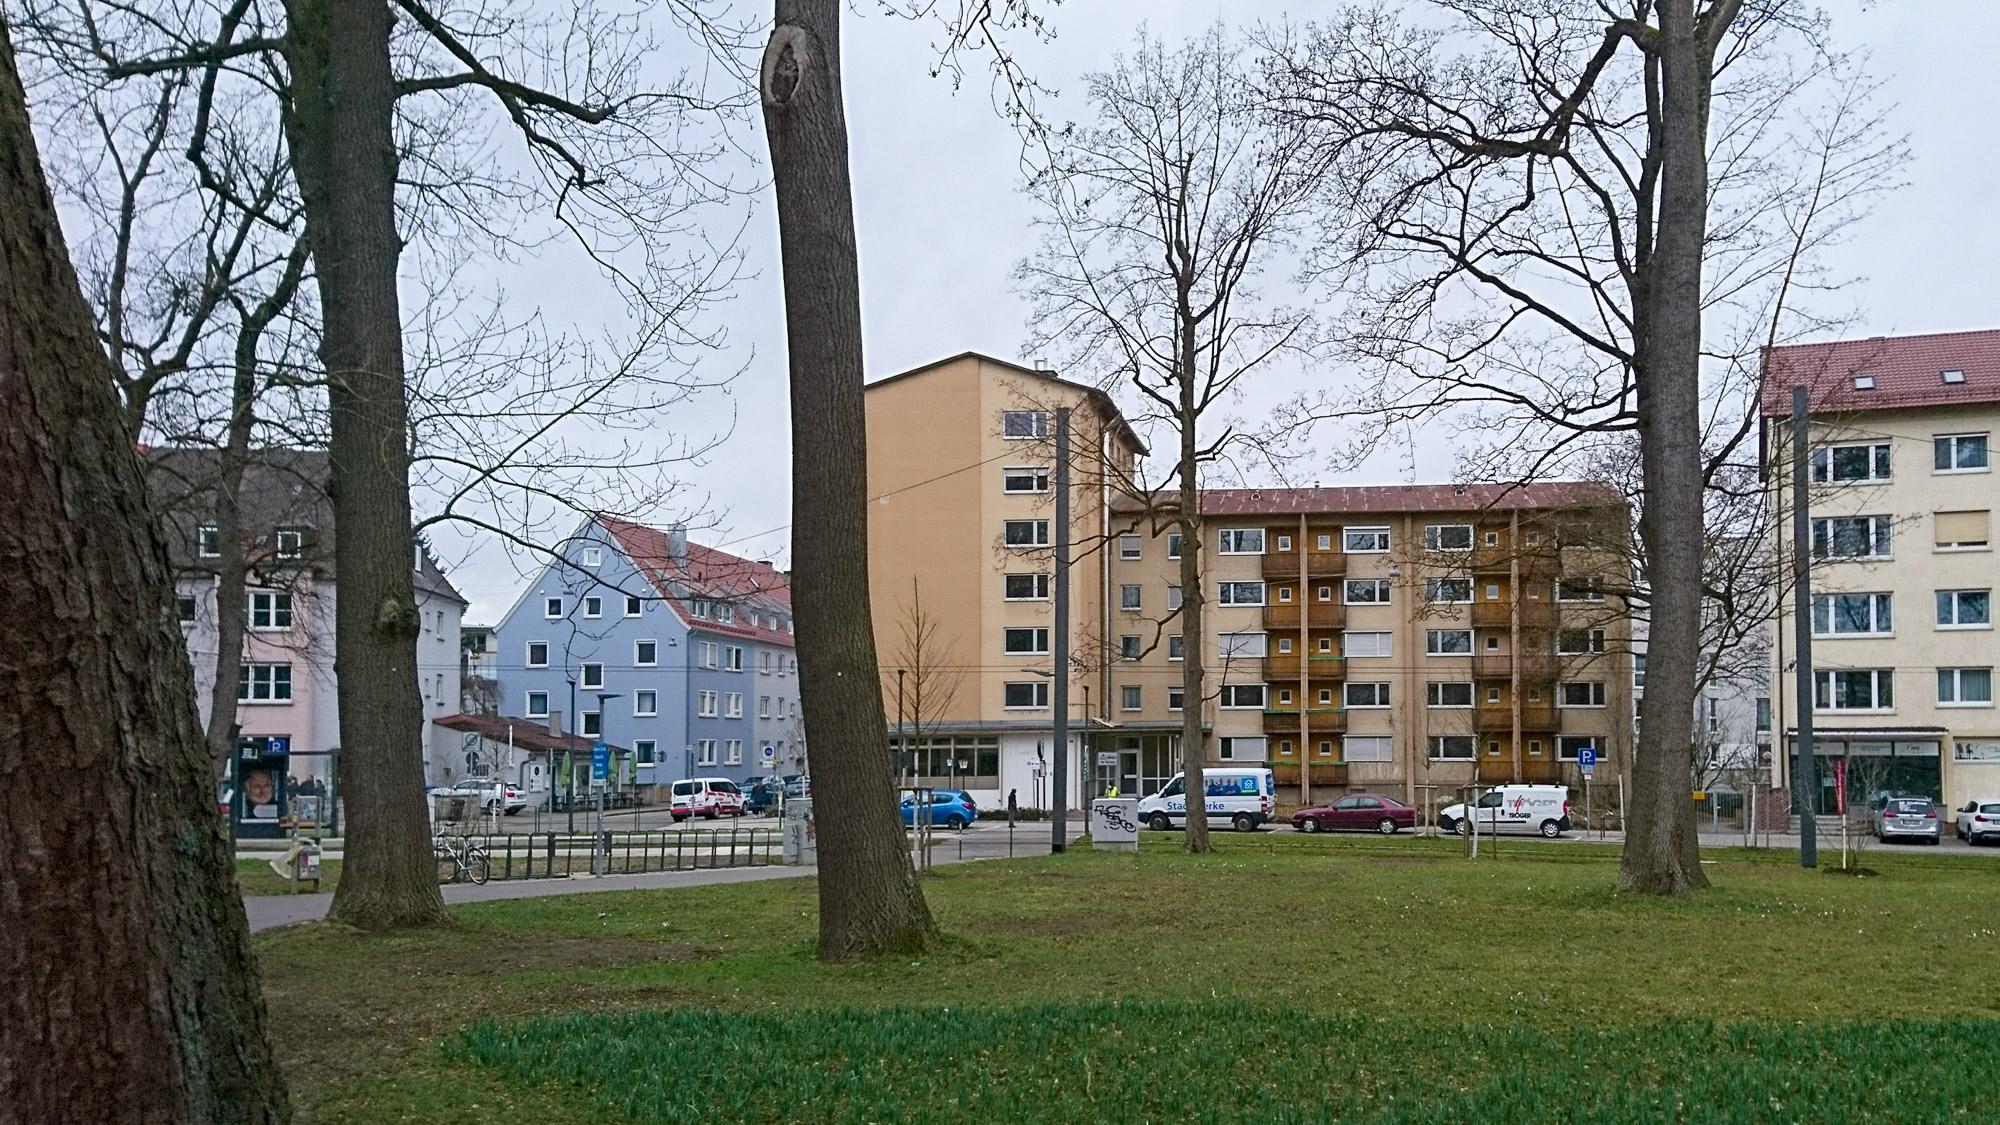 Grünfläche im Vordergrund, im Hintergrund ein braun-beige gestrichenes Wohngebäude aus den 50ern.